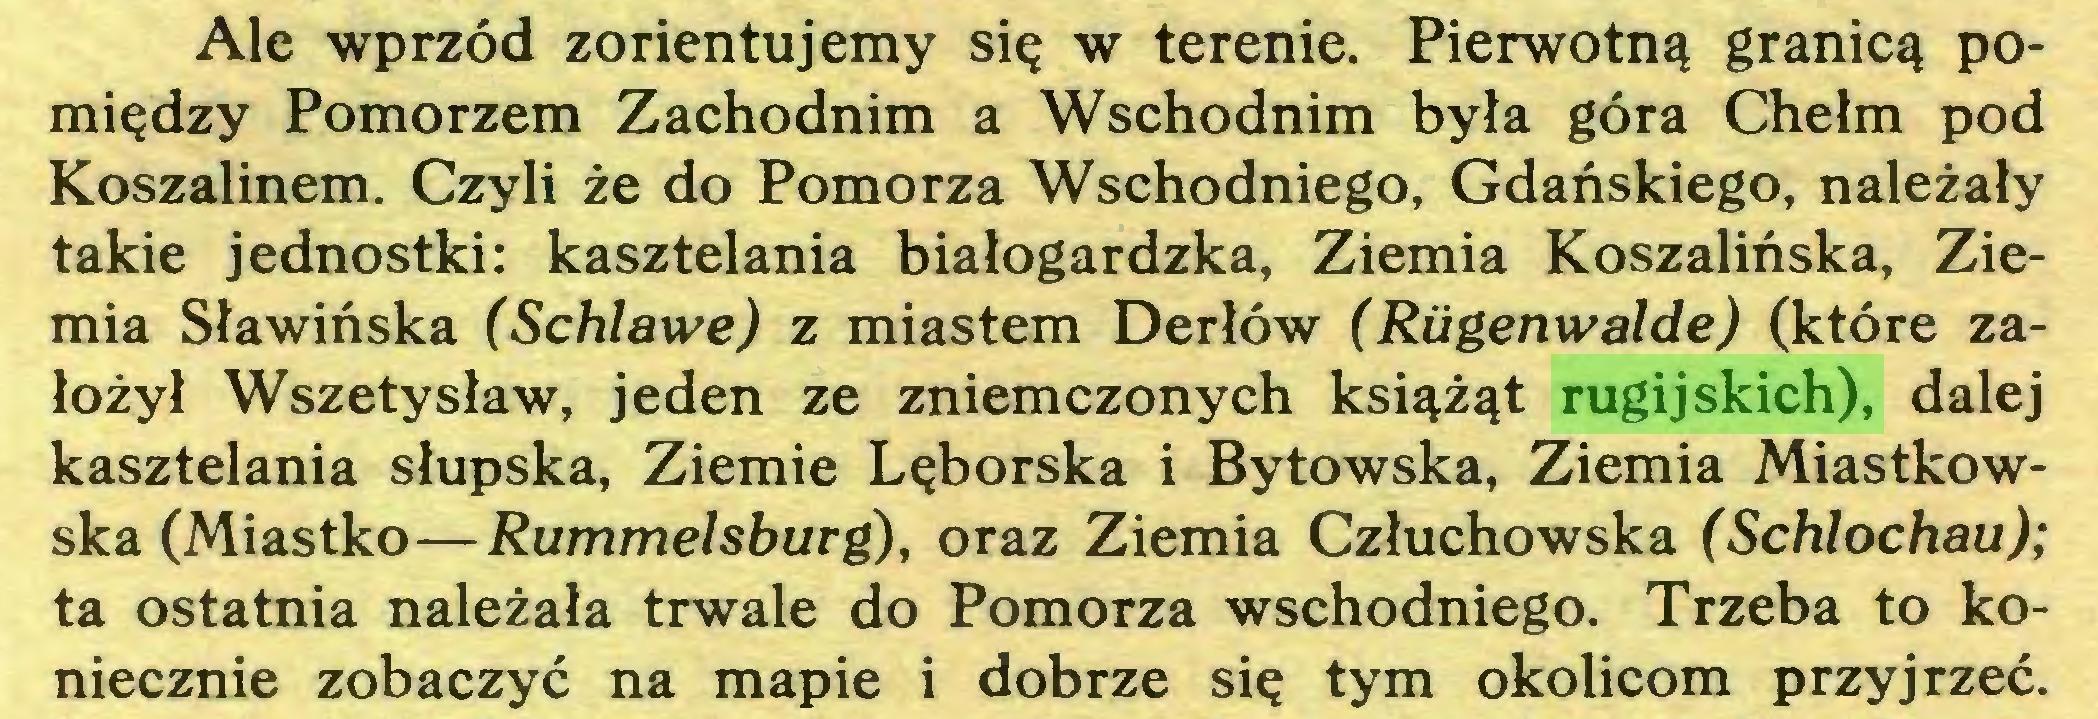 (...) Ale wprzód zorientujemy się w terenie. Pierwotną granicą pomiędzy Pomorzem Zachodnim a Wschodnim była góra Chełm pod Koszalinem. Czyli że do Pomorza Wschodniego, Gdańskiego, należały takie jednostki: kasztelania białogardzka, Ziemia Koszalińska, Ziemia Sławińska (Schlawe) z miastem Derłów (Riigenwalde) (które założył Wszetysław, jeden ze zniemczonych książąt rugijskich), dalej kasztelania słupska, Ziemie Lęborska i Bytowska, Ziemia Miastkowska (Miastko—Rummelsburg), oraz Ziemia Człuchowska (Schlochau); ta ostatnia należała trwale do Pomorza wschodniego. Trzeba to koniecznie zobaczyć na mapie i dobrze się tym okolicom przyjrzeć...